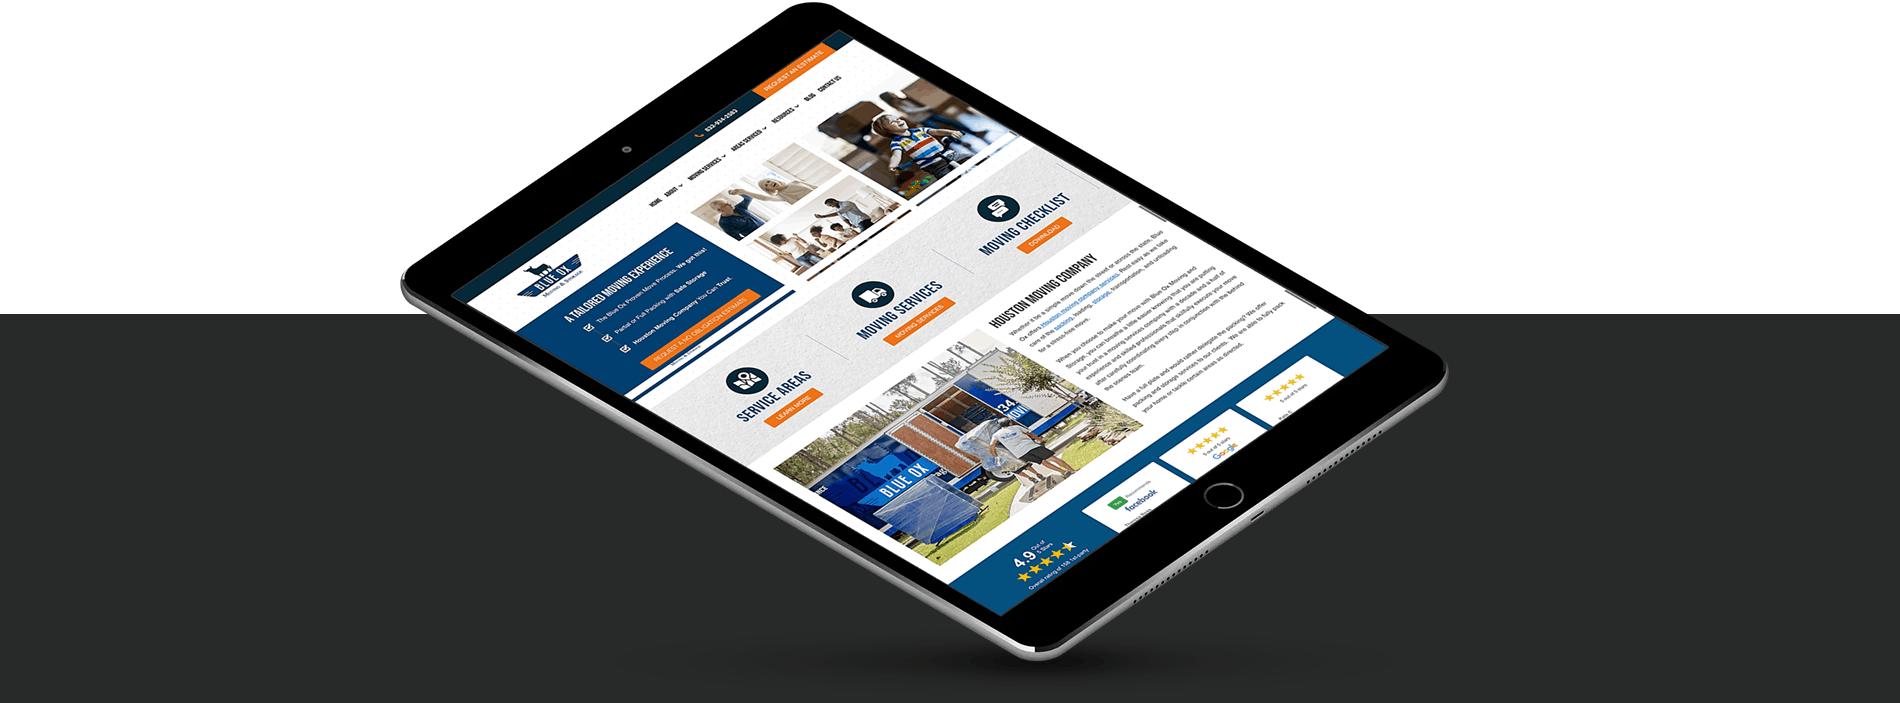 moving company website design portfolio